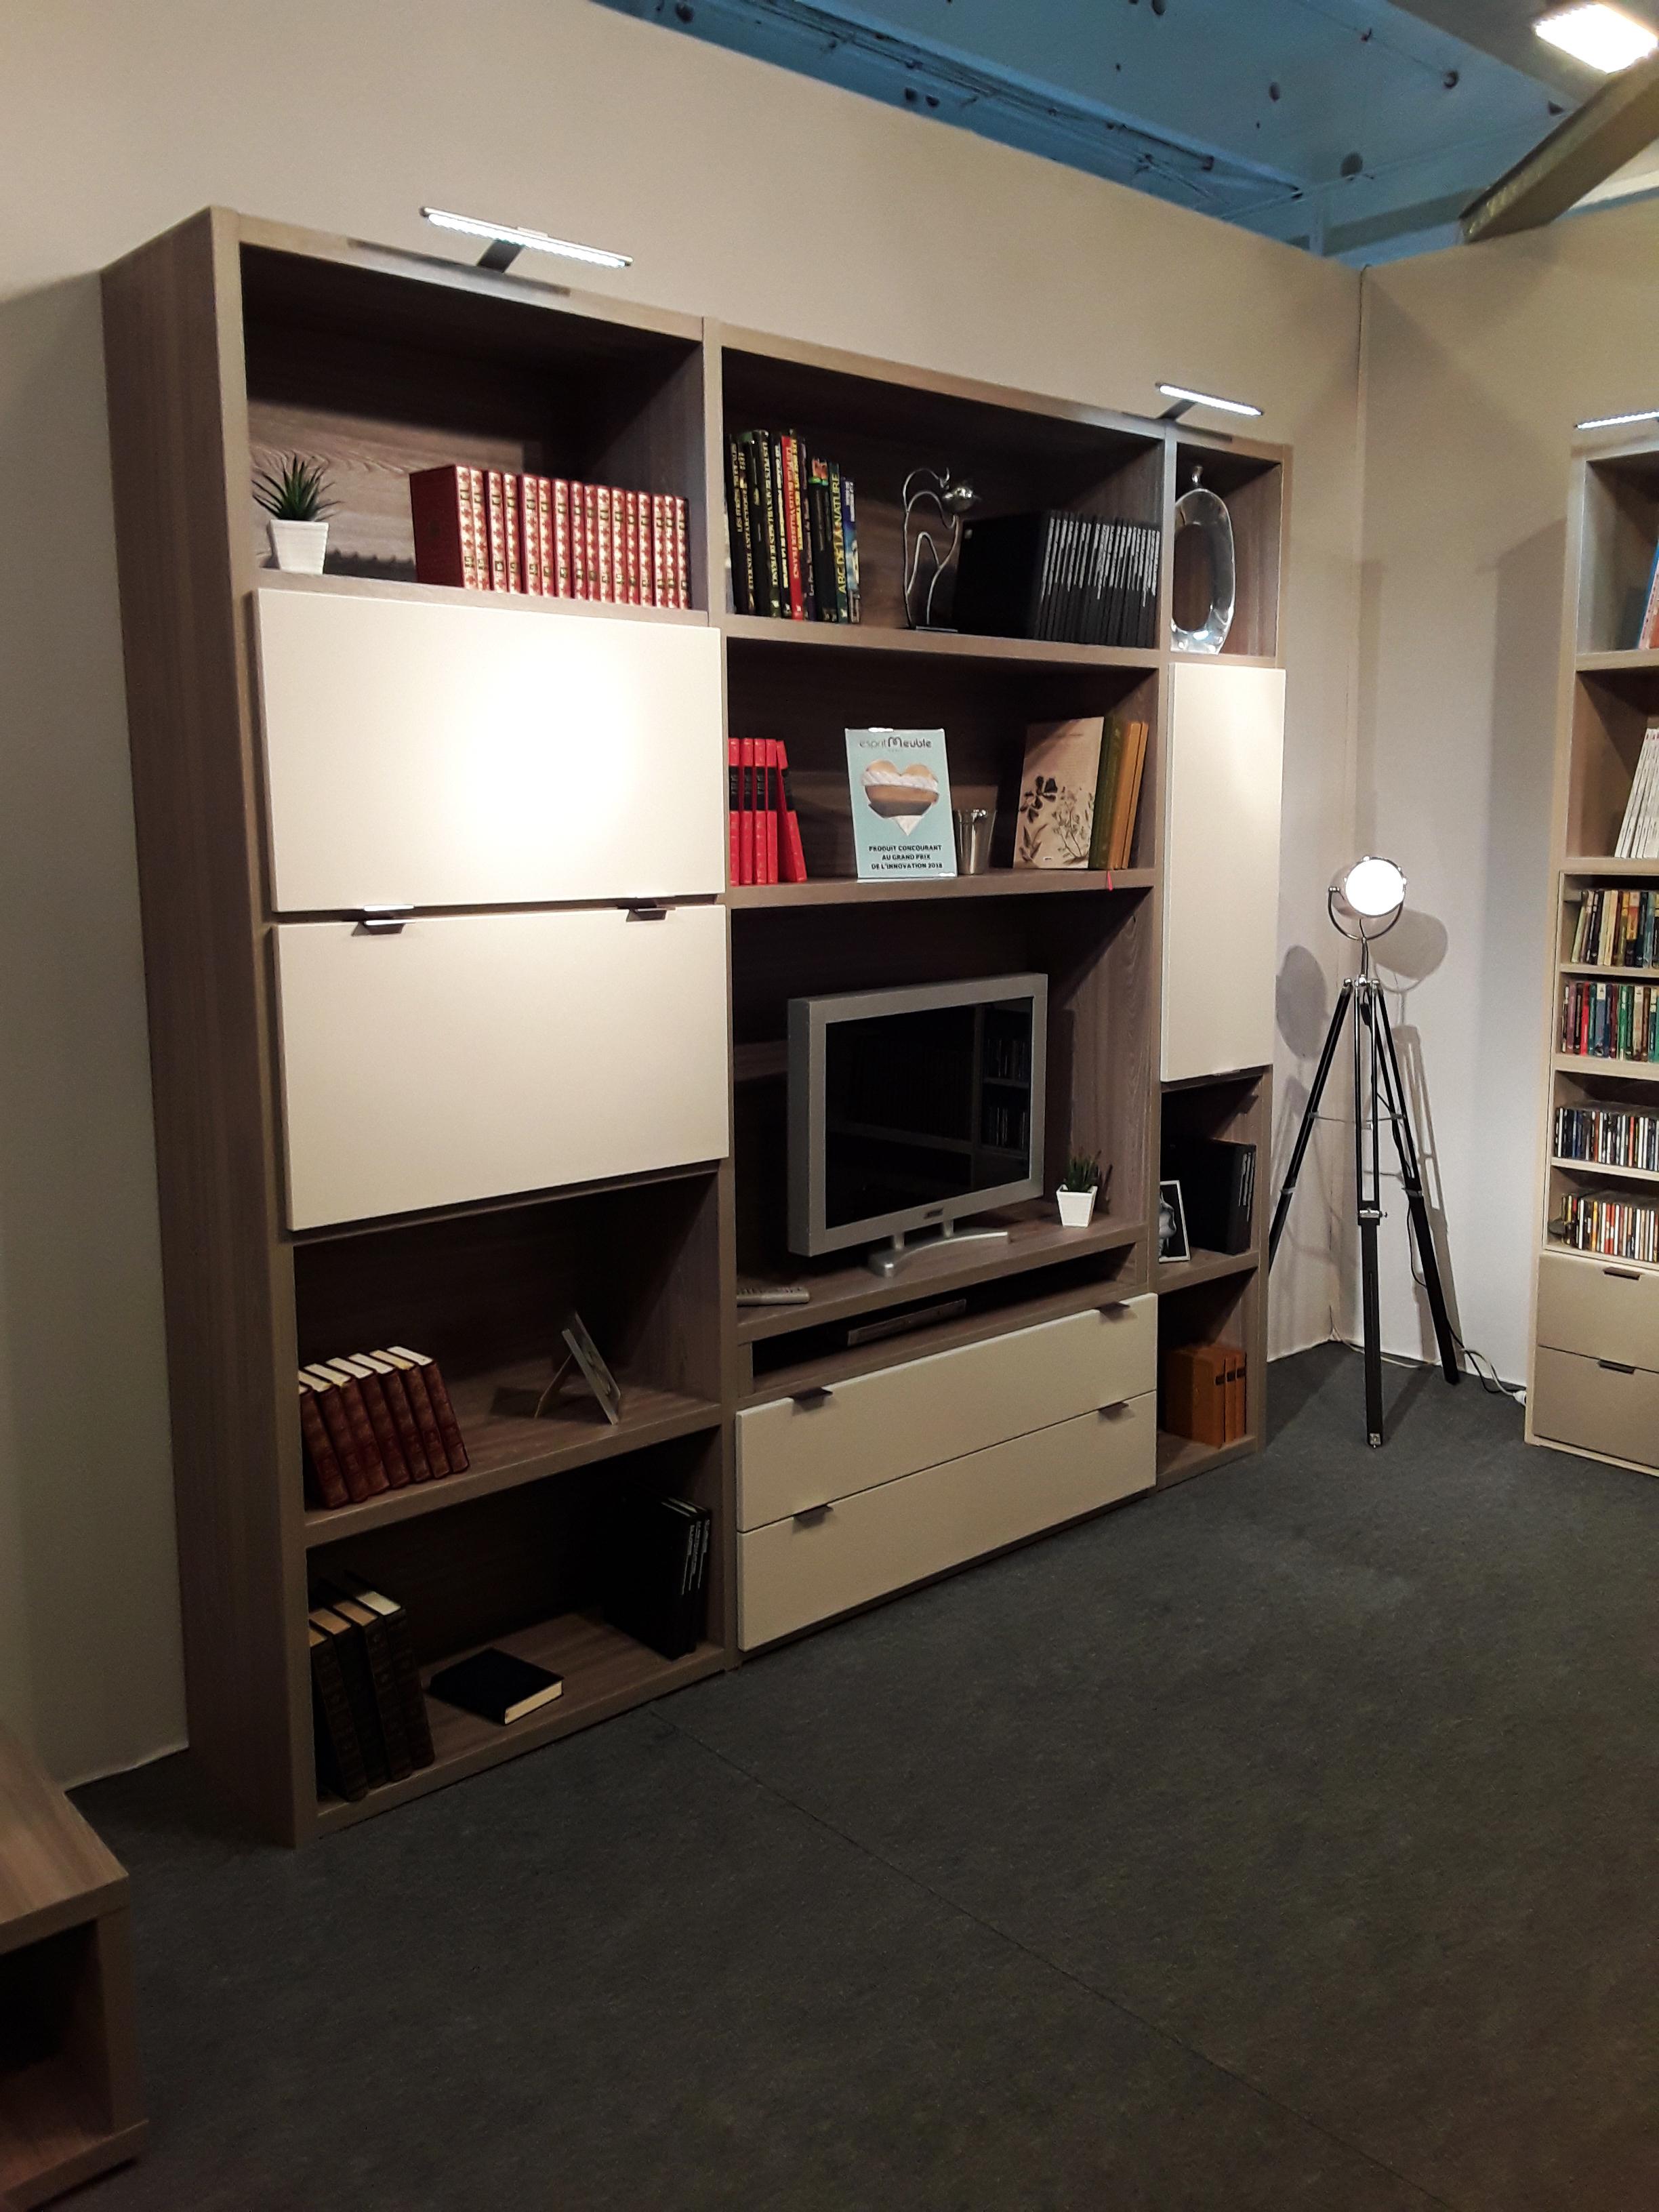 Bibliothèque modulable Meuble TV - Manhattan - Meubles Minet